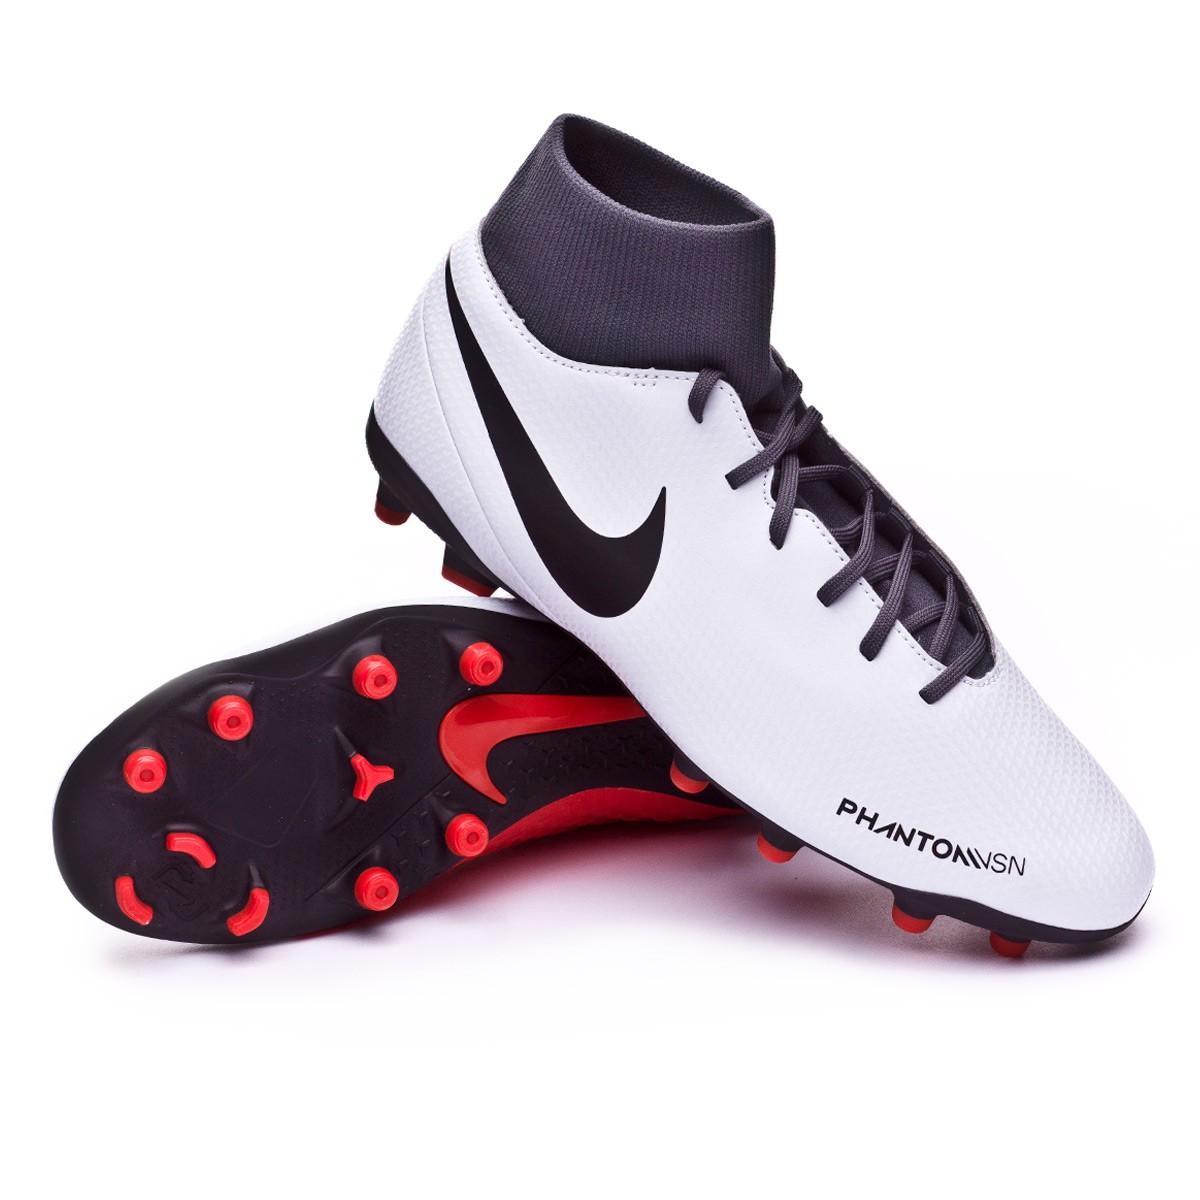 22a2f1fbdc Football Boots Nike Phantom Vision Club DF MG Pure platinum-Black ...